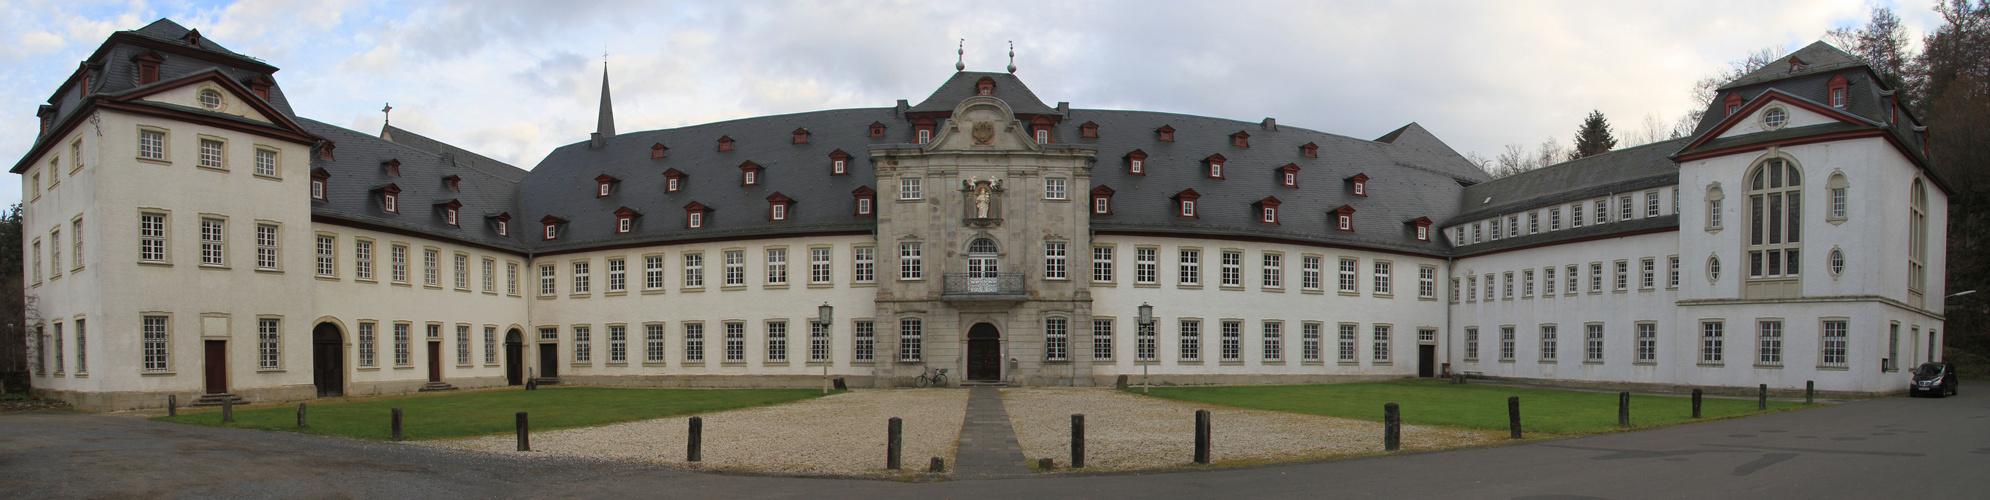 Ein Teil des Klosters Marienstatt